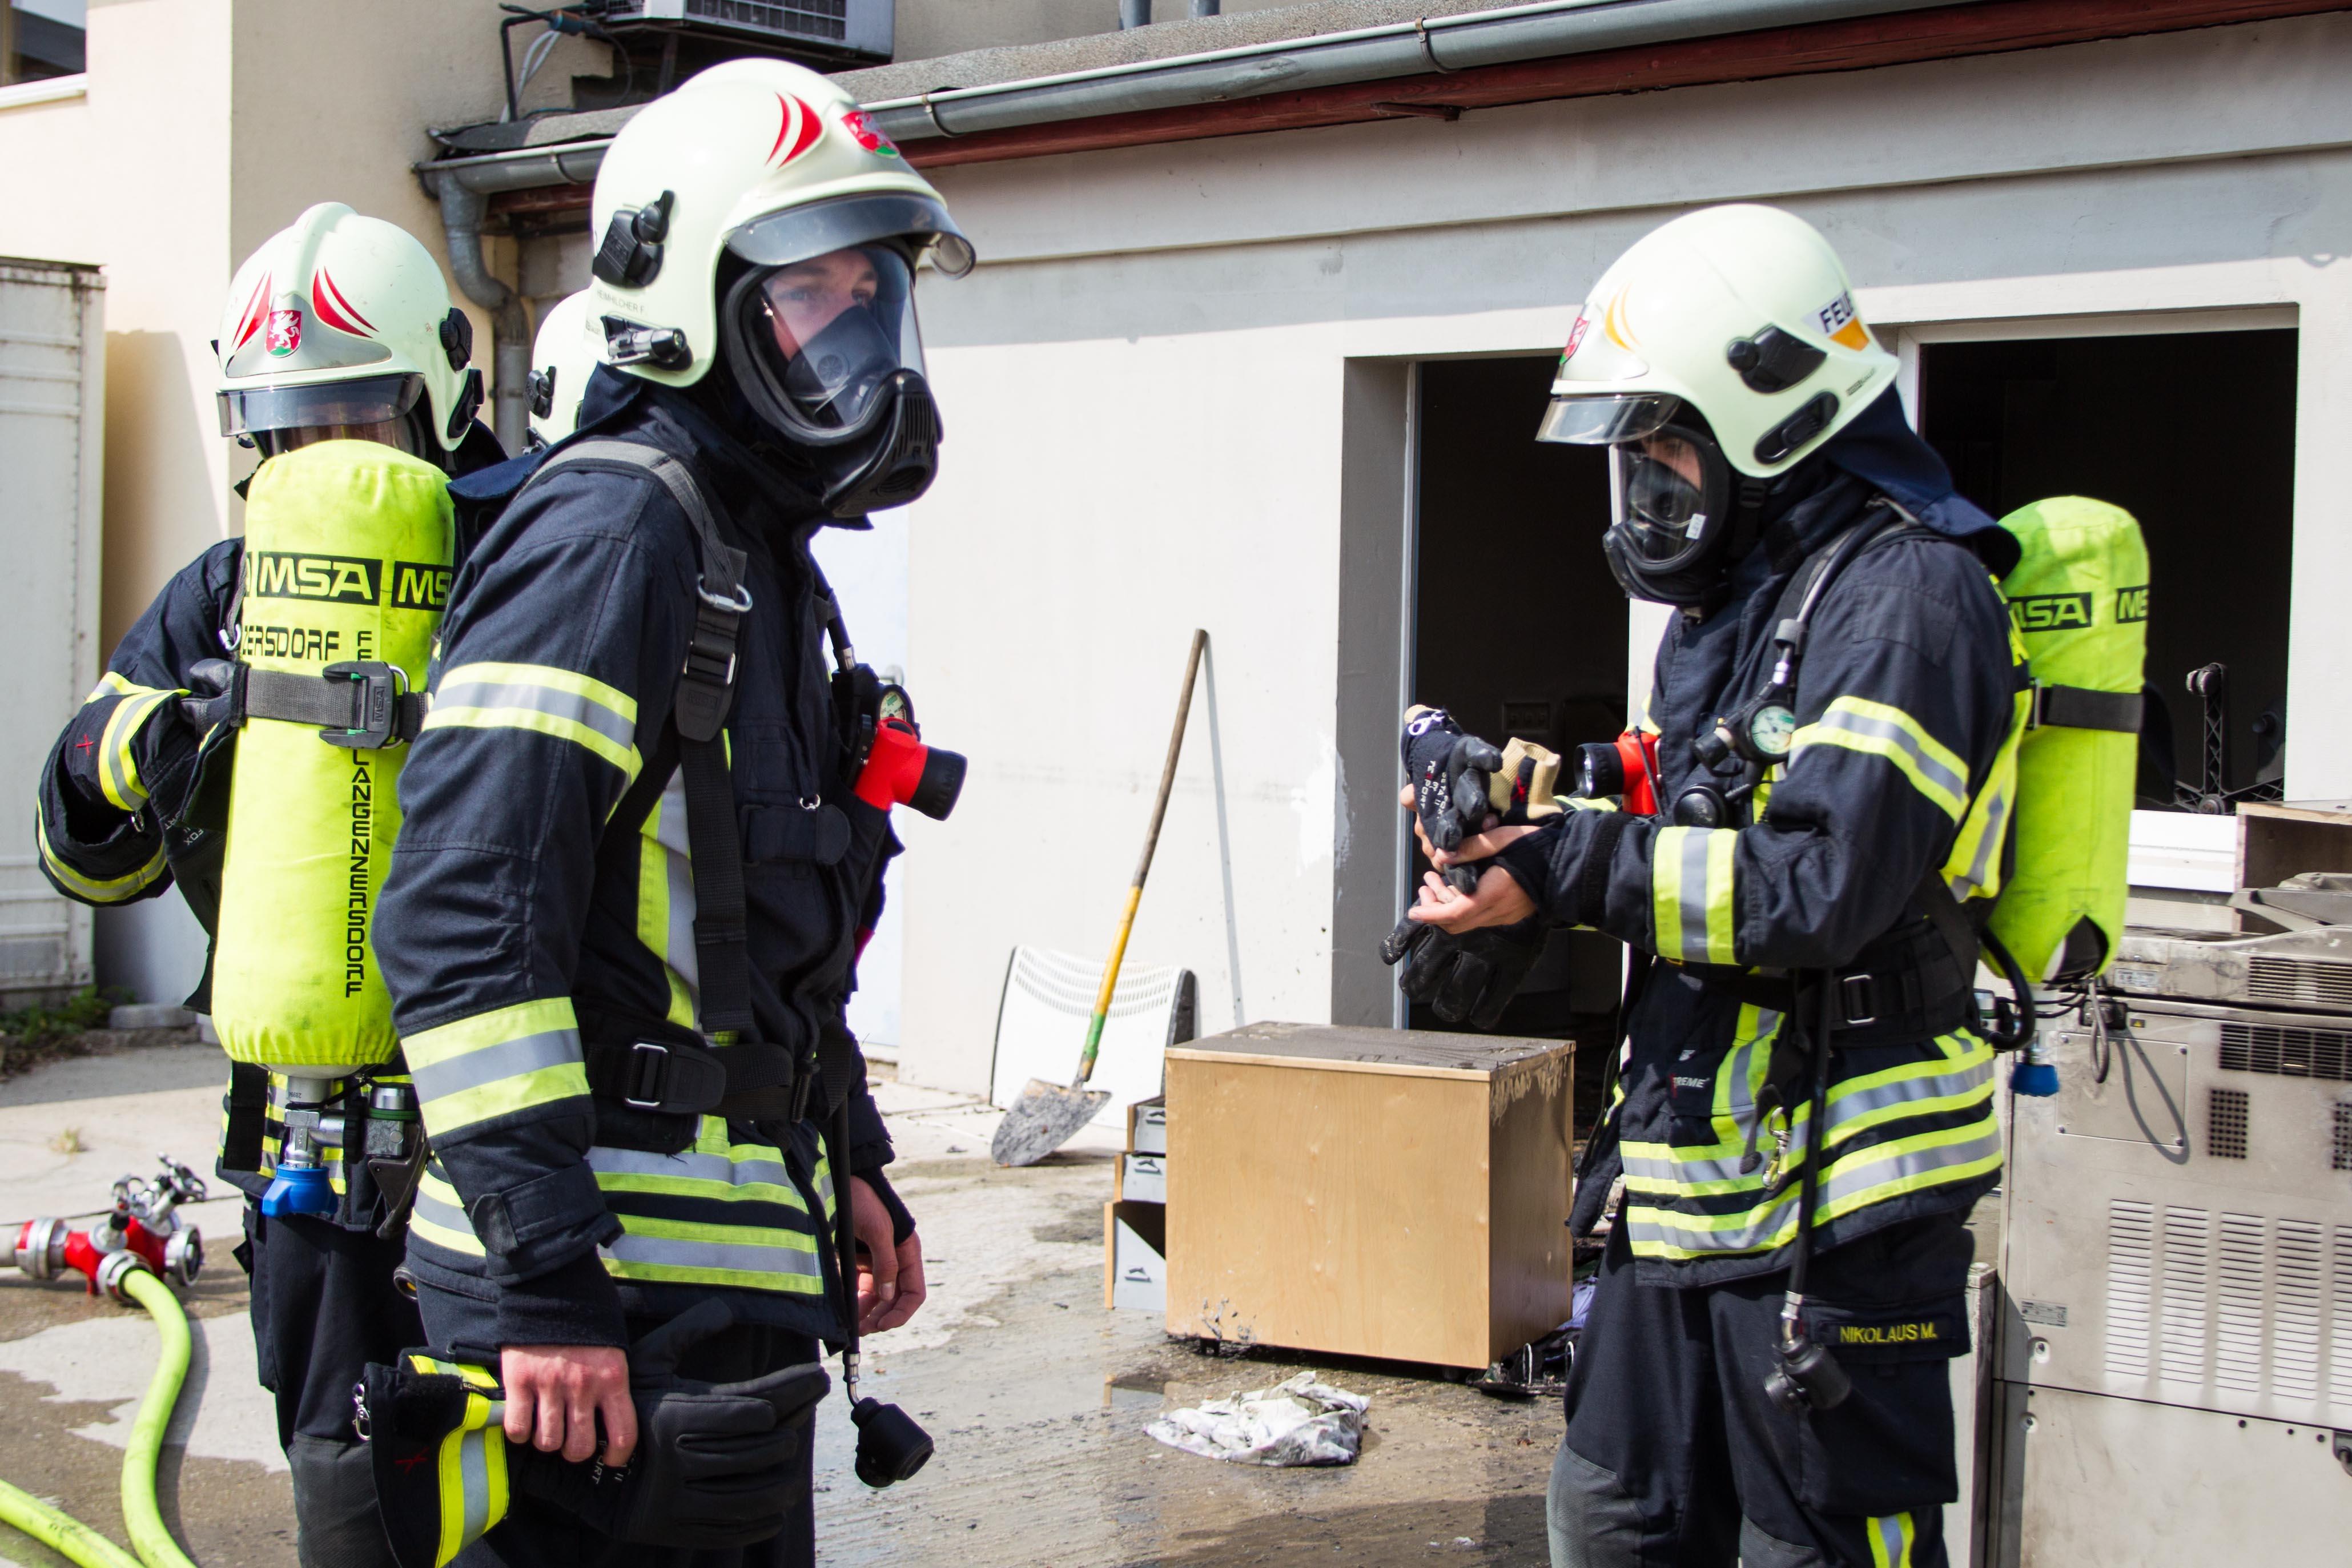 Einsatzfoto Zimmerbrand in Gewerbebetrieb